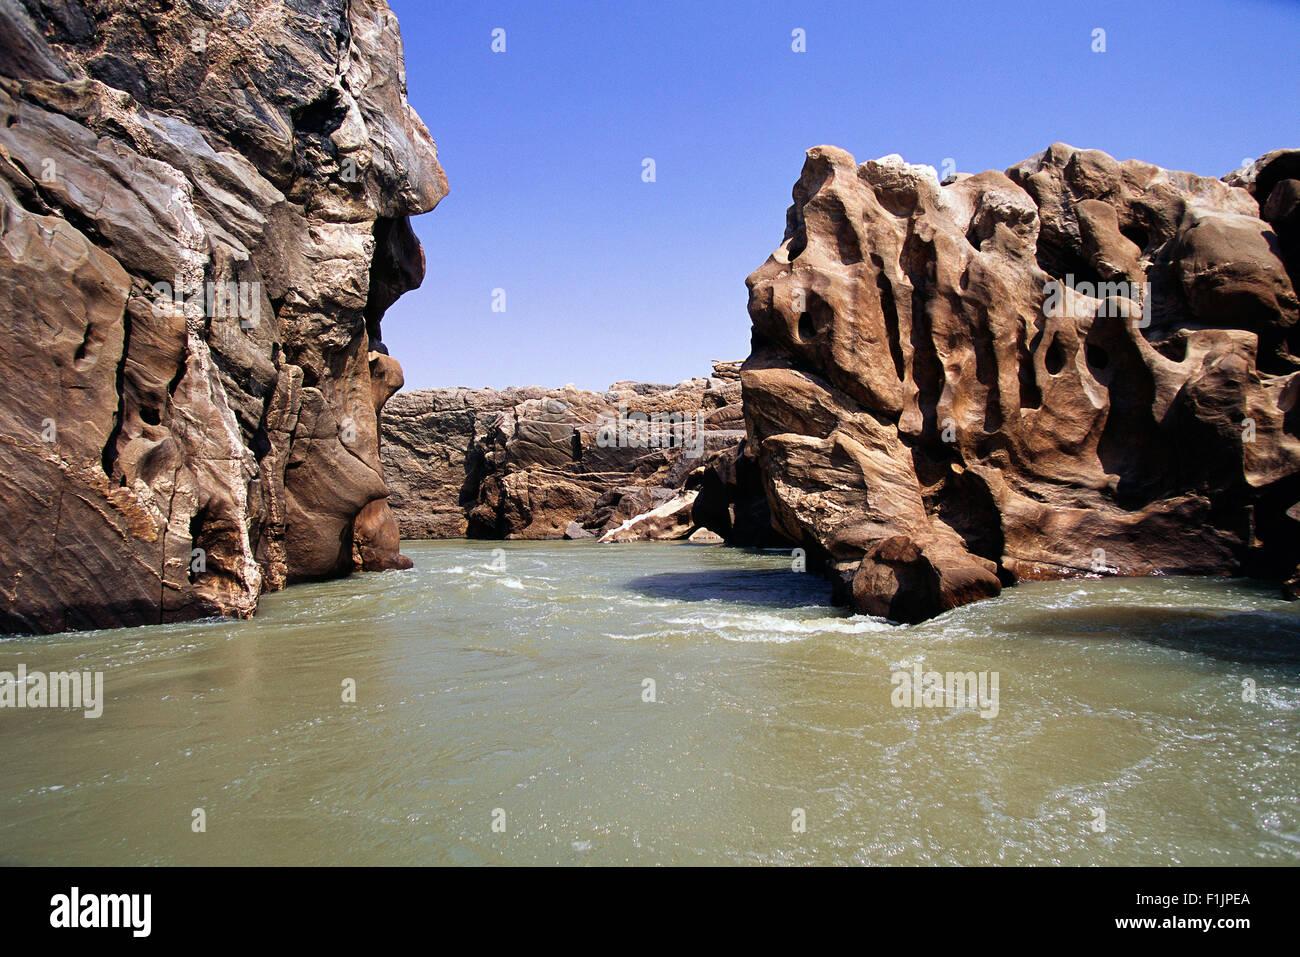 Las formaciones rocosas y el río Kunene, Namibia, África Foto de stock